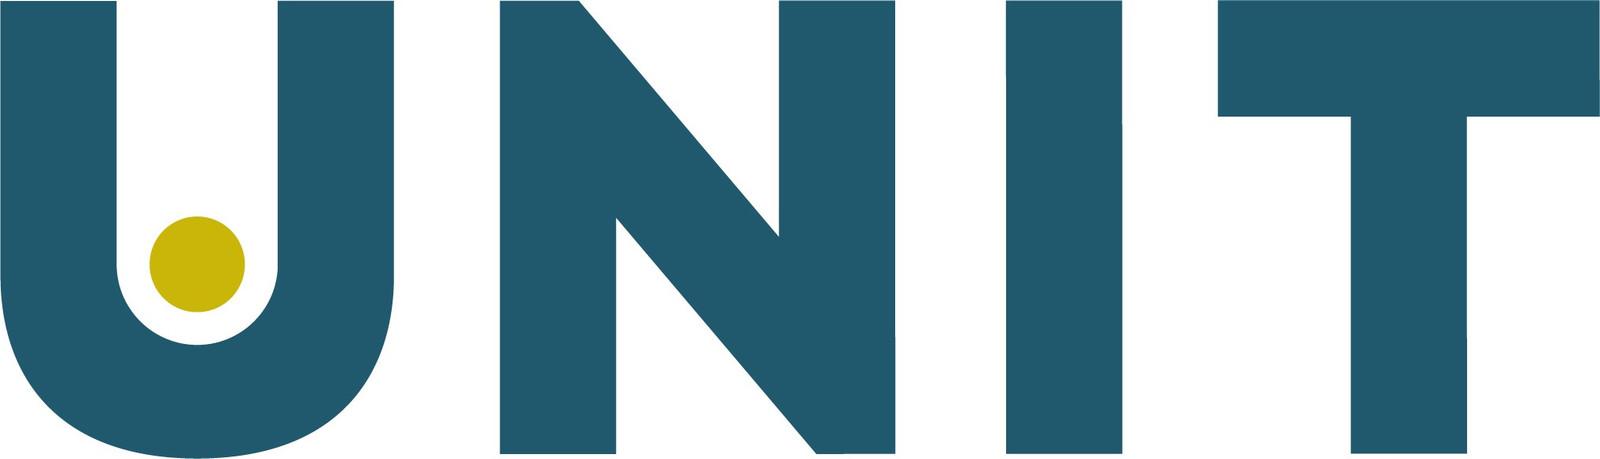 Unit - Direktoratet for IKT og fellestjenester i høyere utdanning og forskning